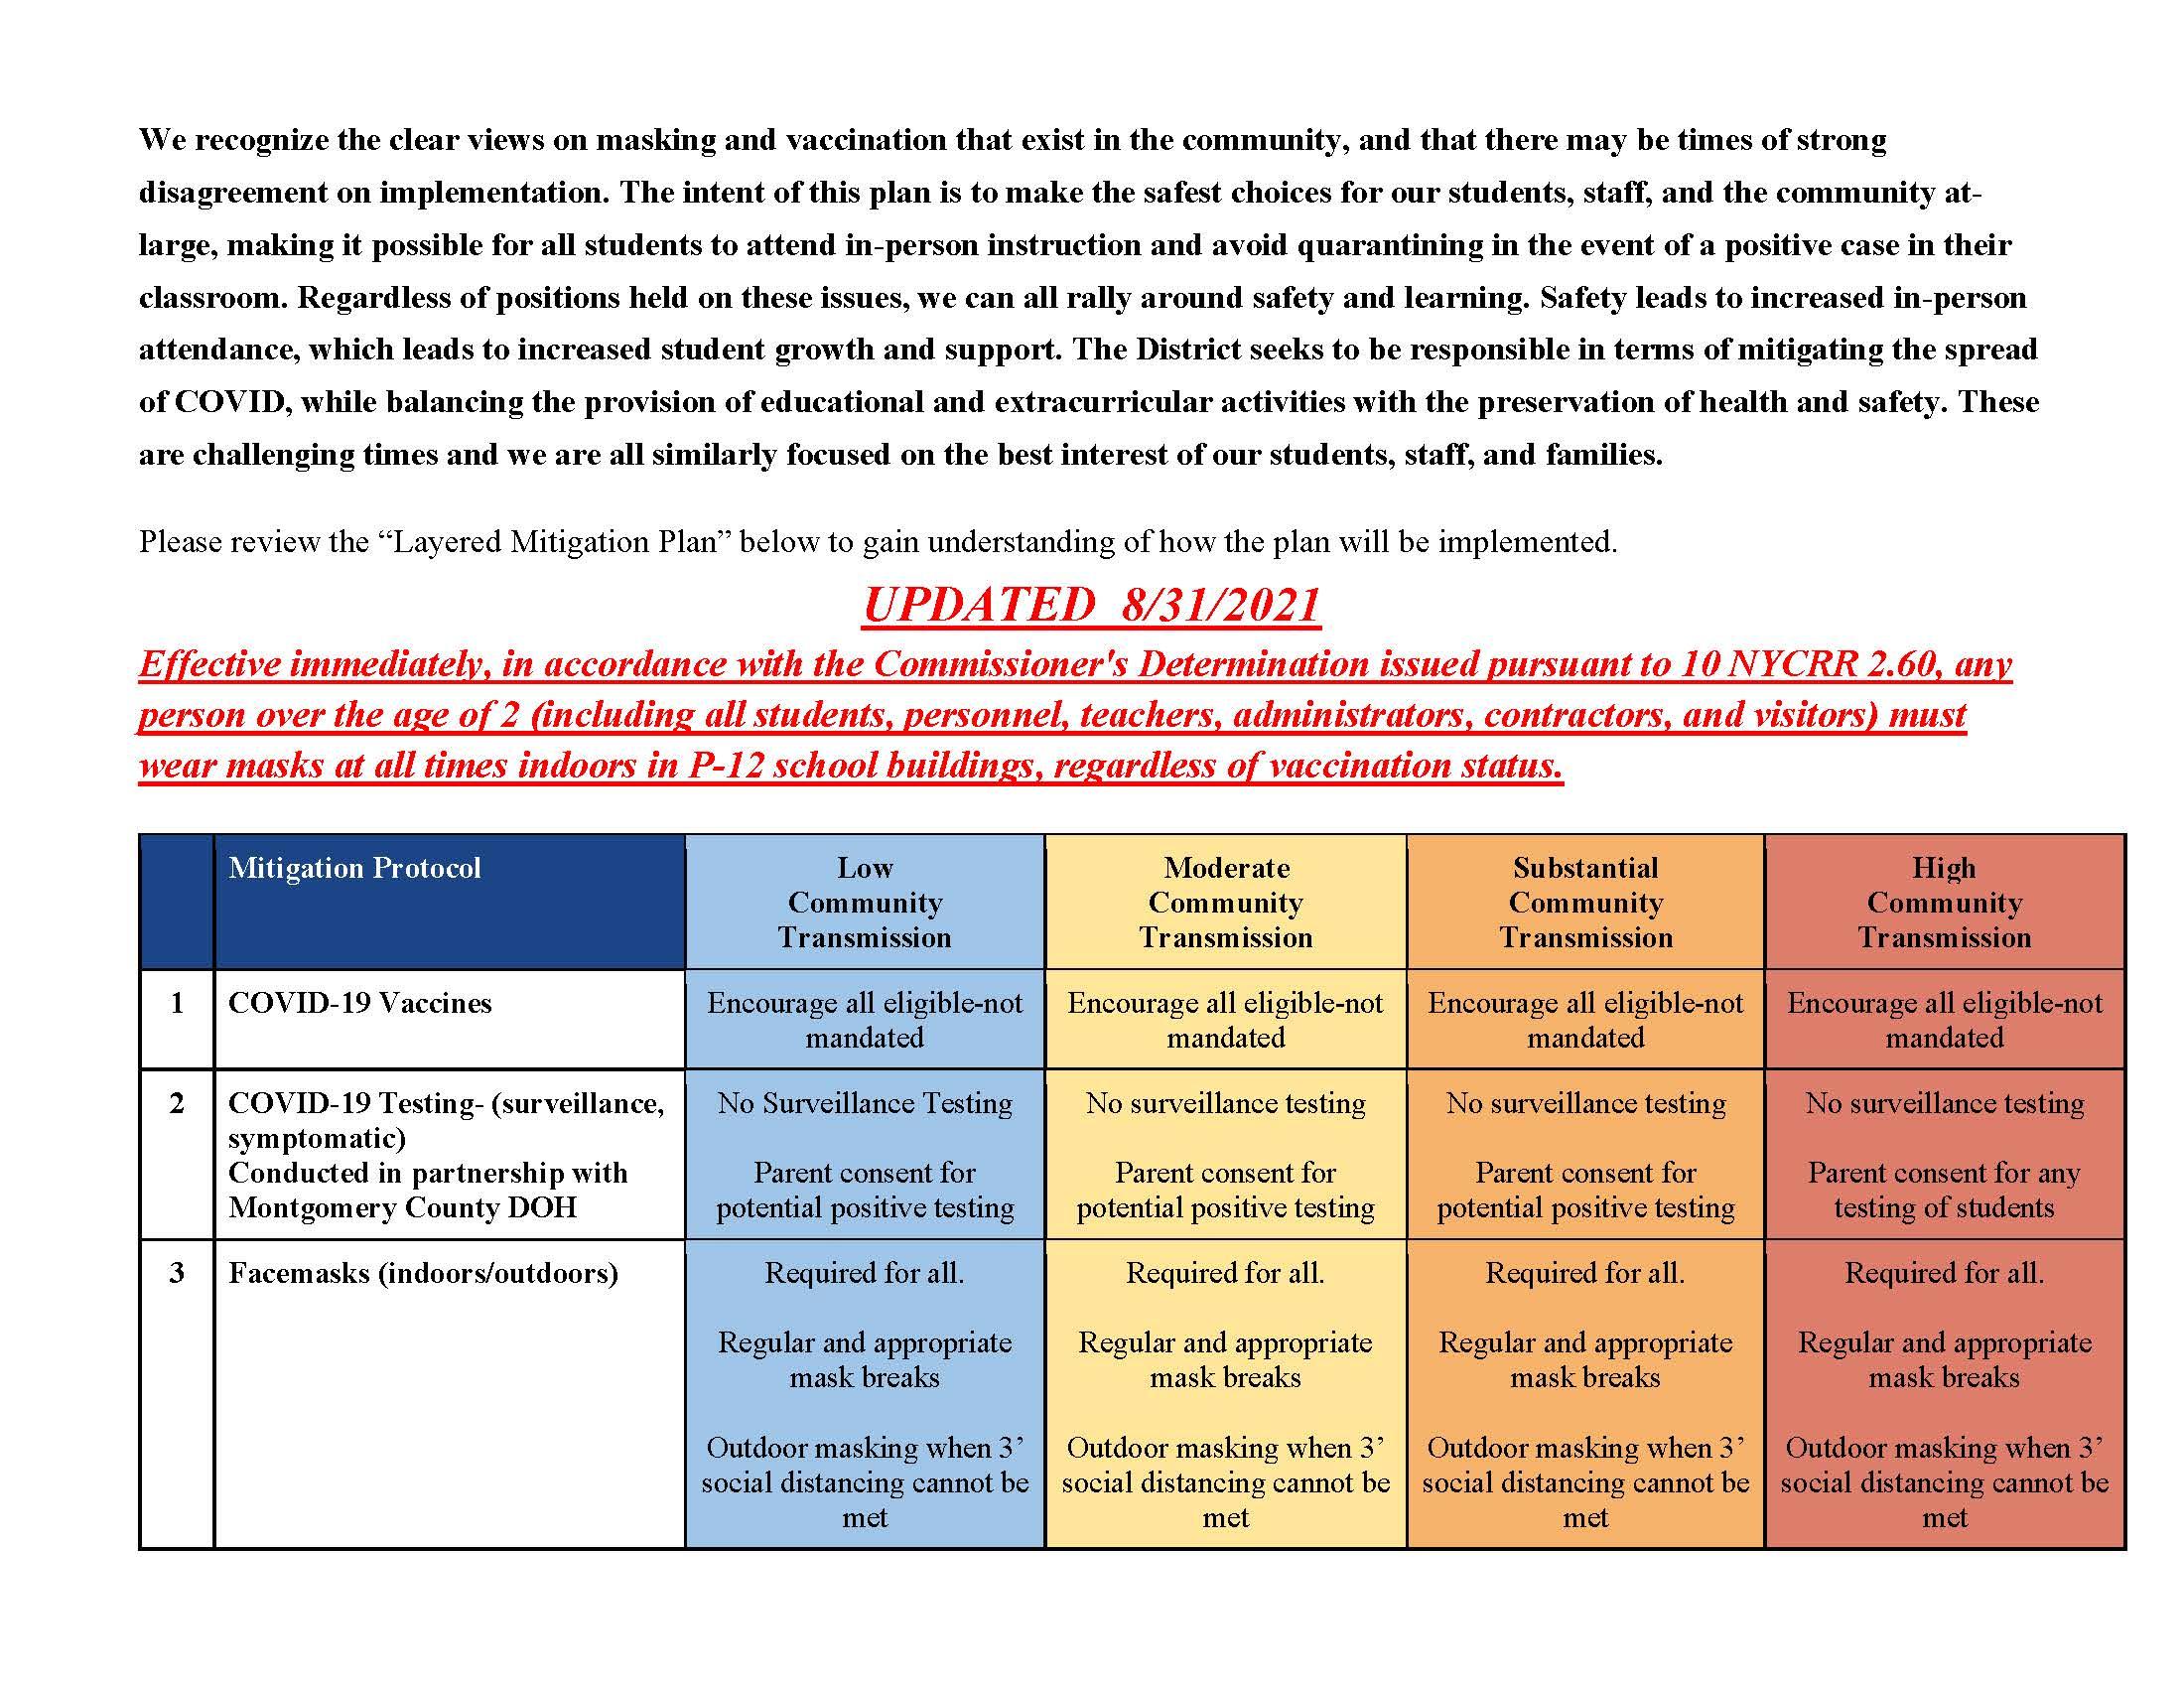 Reopening & Layered Mitigation Plan image